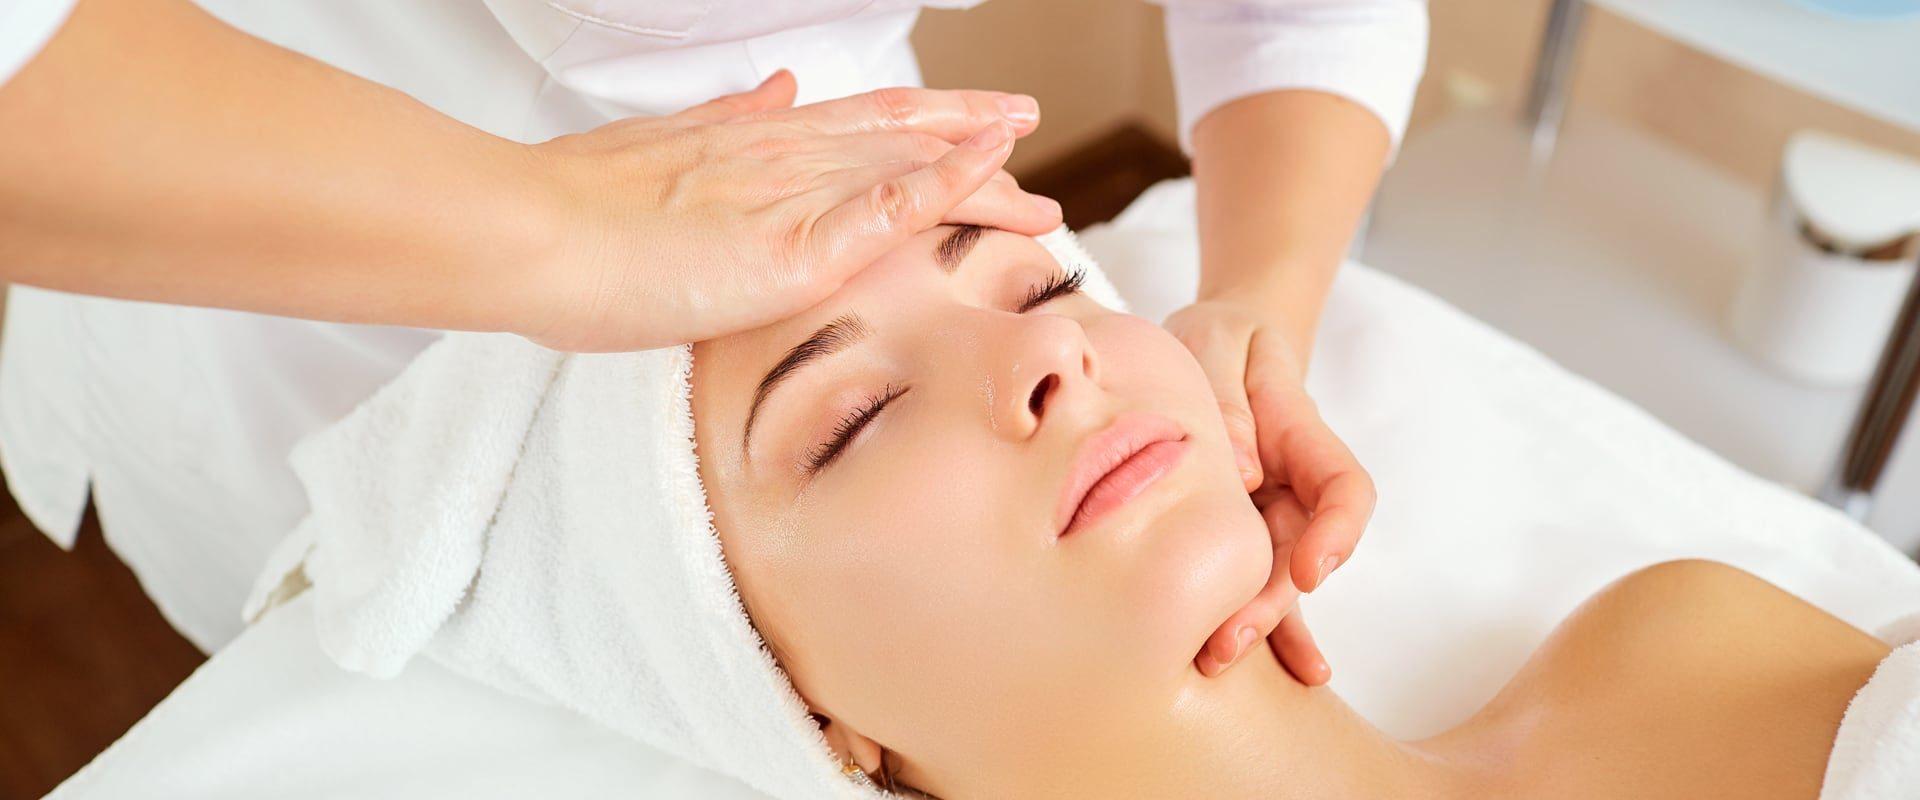 Dermatologische cosmetiek - MohsA Huidcentrum